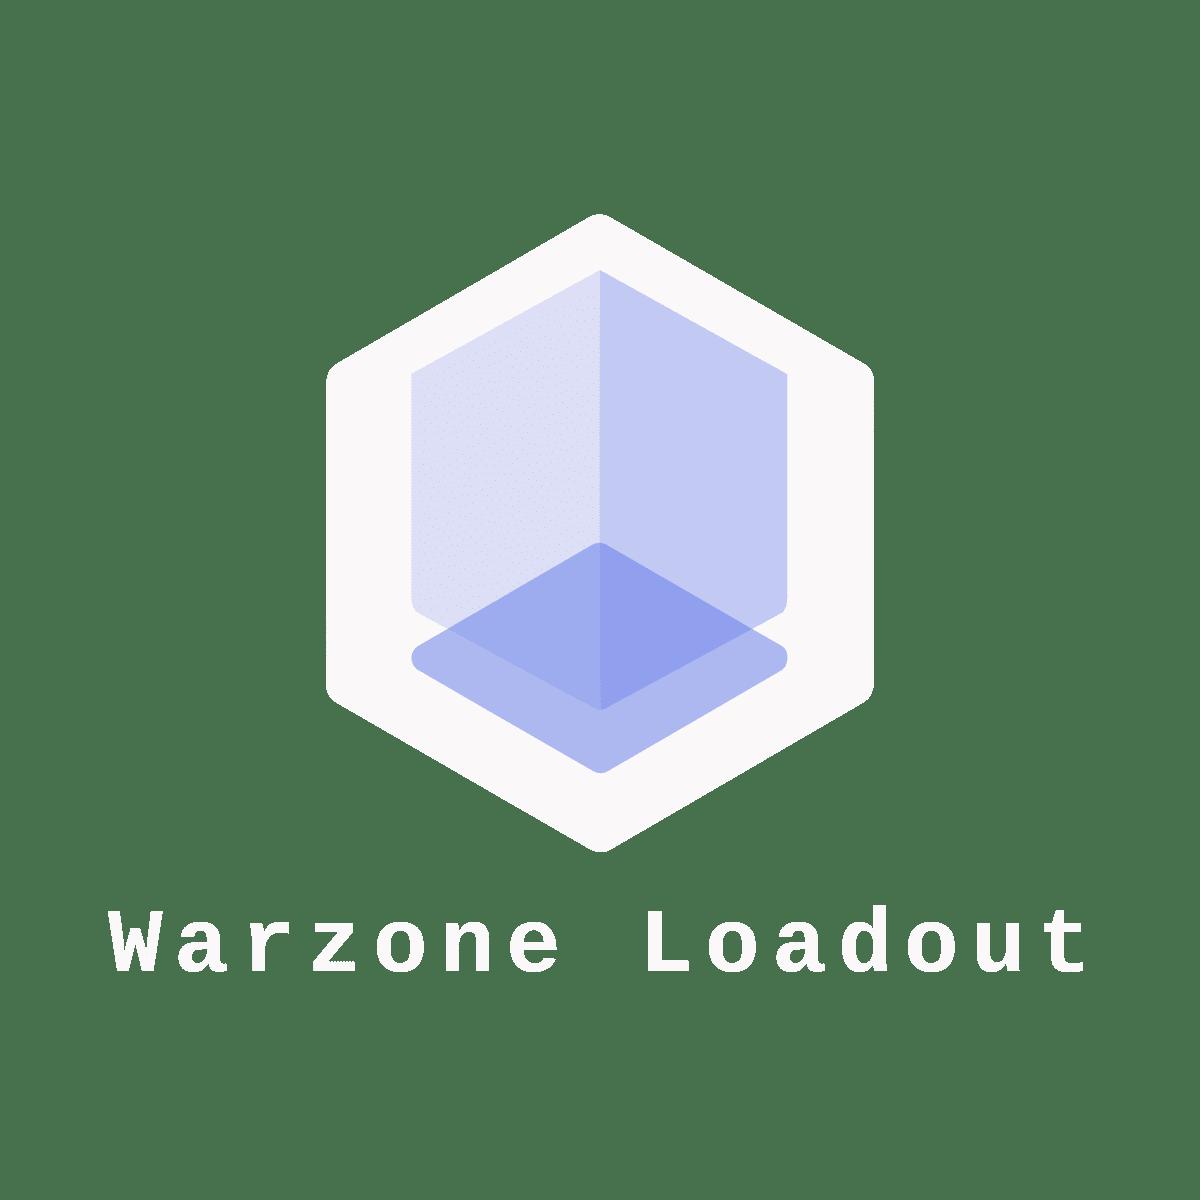 Warzone Loadout Logo